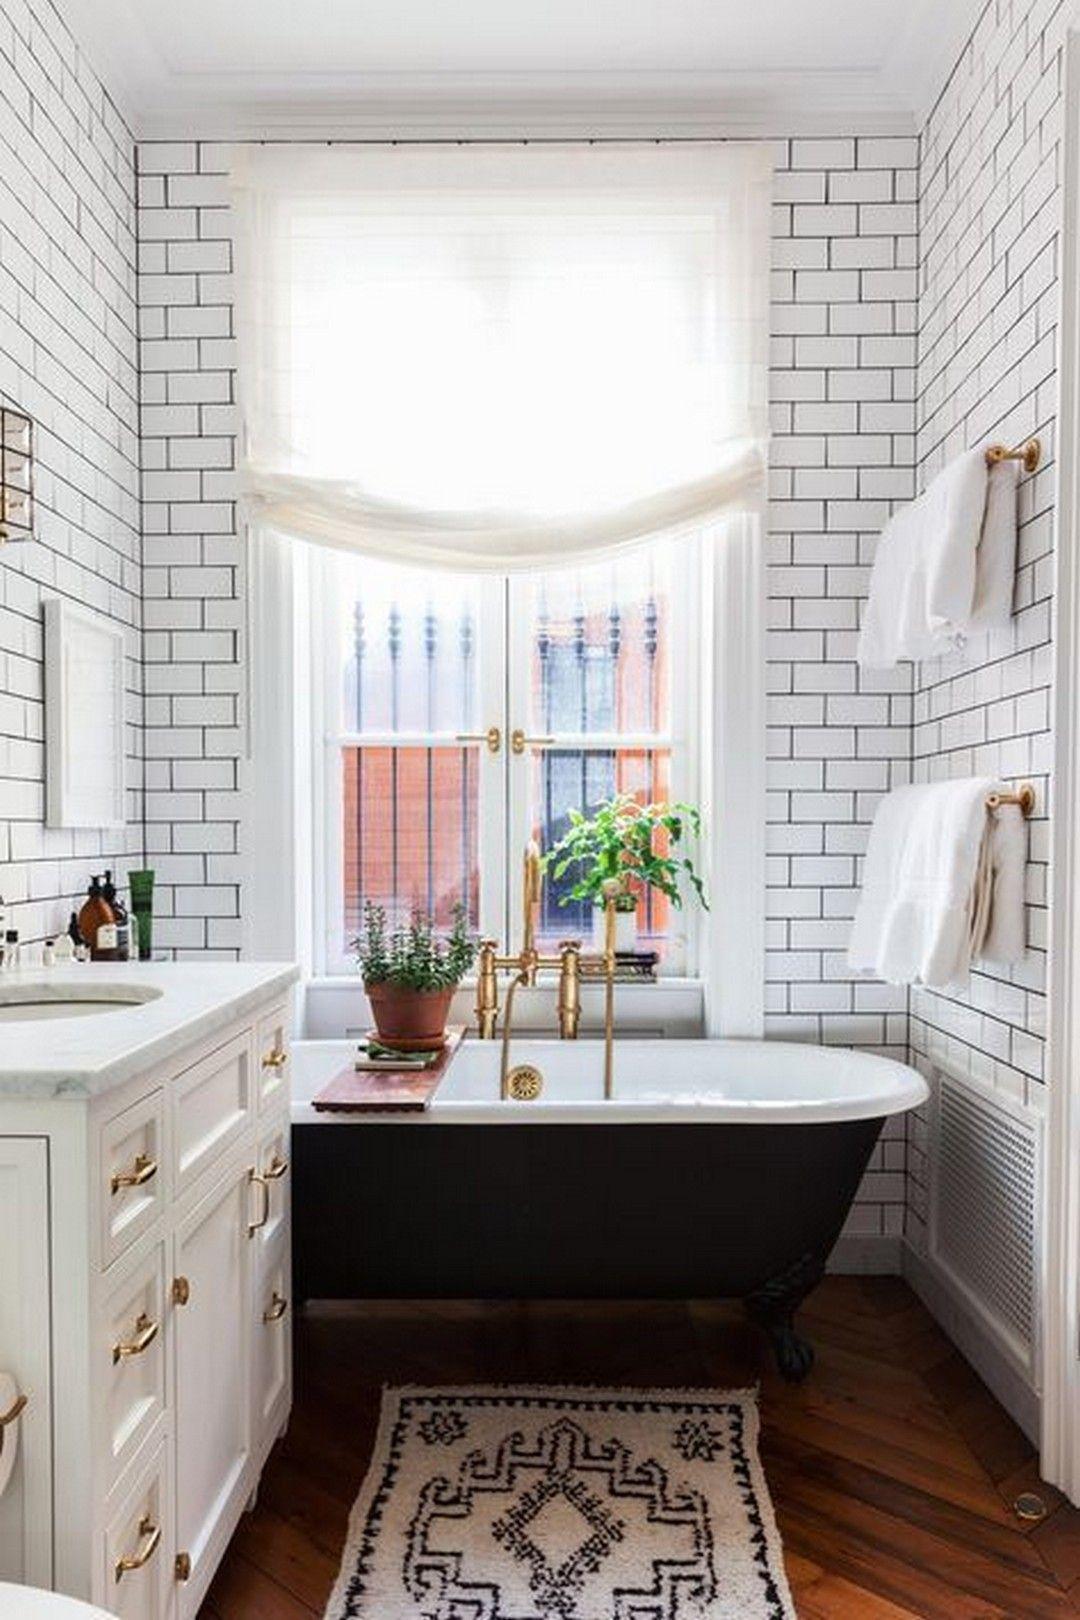 Luxury Master Bathroom Decorating Ideas | Luxury master bathrooms ...